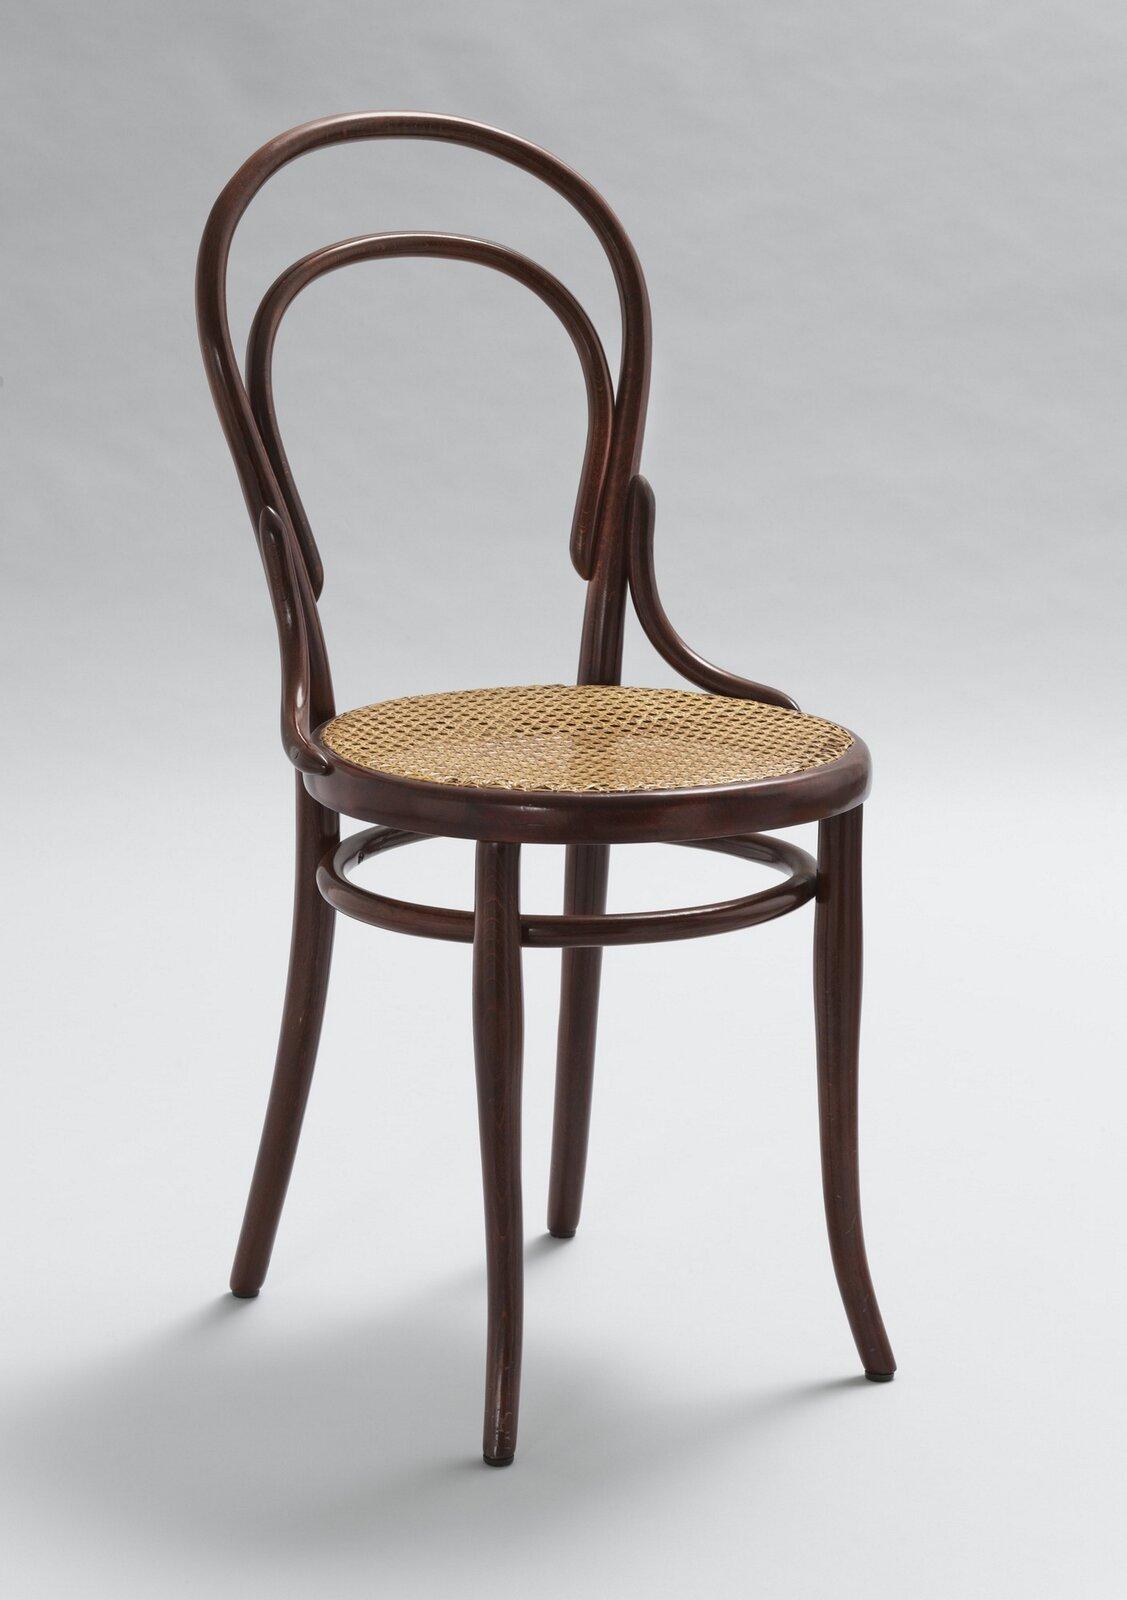 Ilustracja przedstawia krzesło wstylu biedermeier. Krzesło jest brązowe, utrzymane jest wprostym stylu, posiada delikatnie wygięte nóżki oraz sitkowane siedzisko, mebel nie ma cech szczególnych.